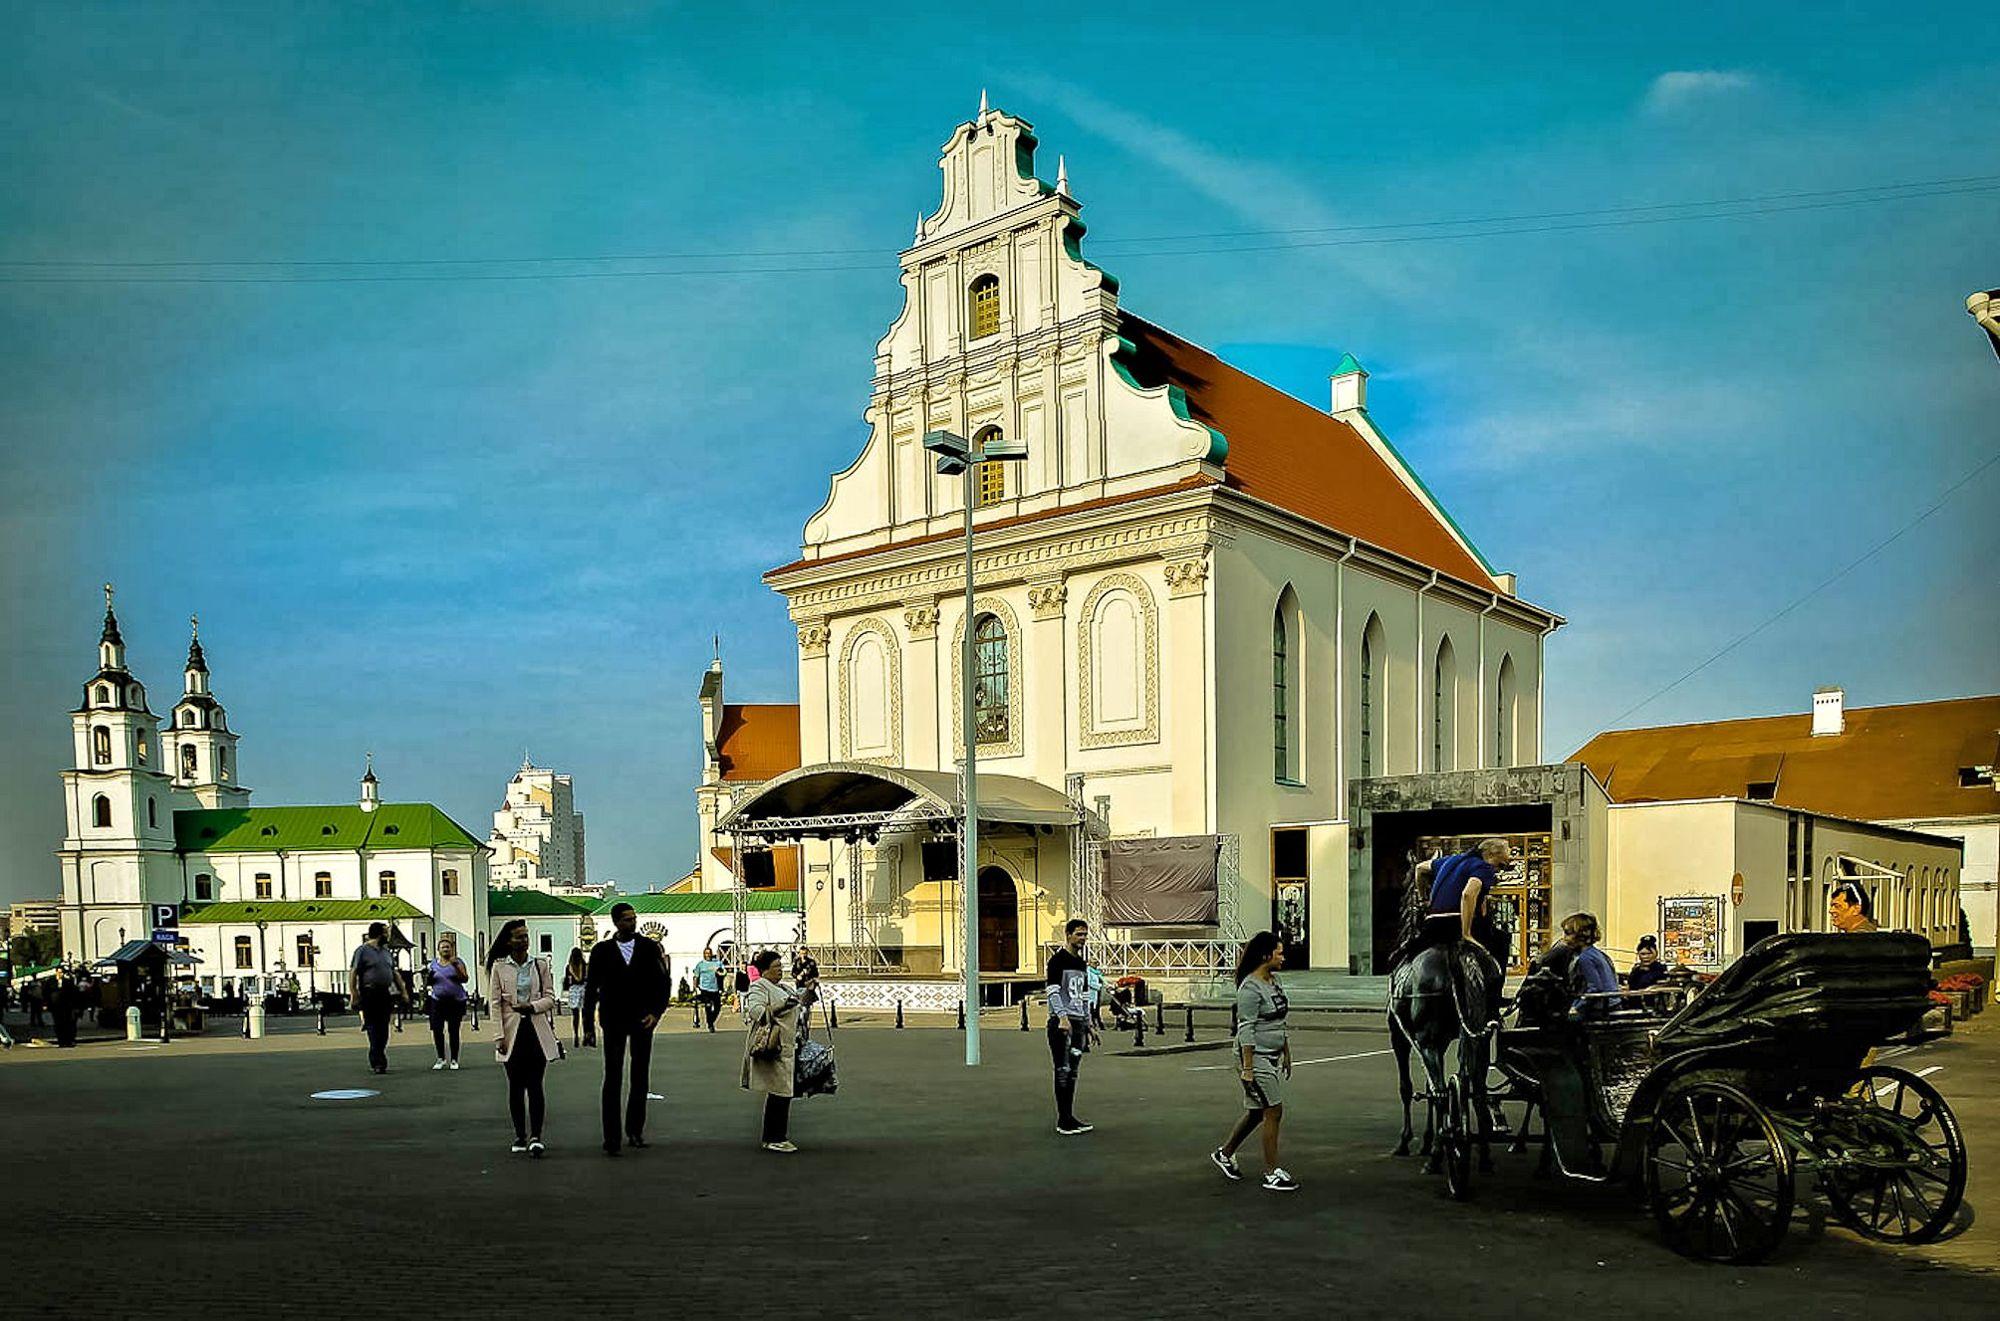 Посередине этой площади стоял памятник Наполеону